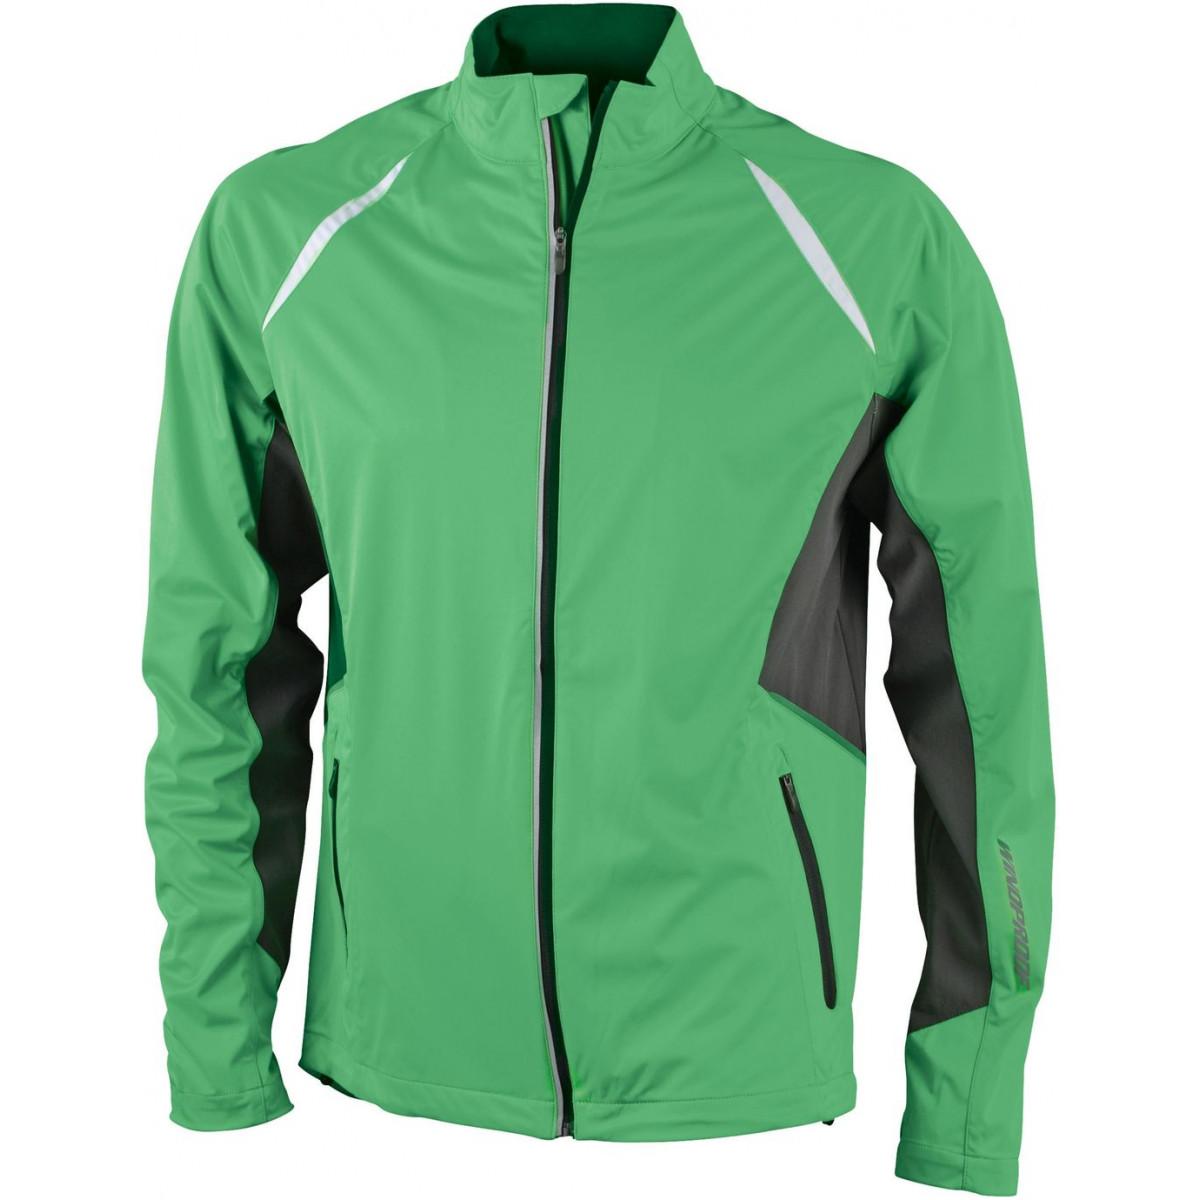 Куртка мужская JN440 Mens Sports Jacket Windproof - Насыщенный зеленый/Темно-серый